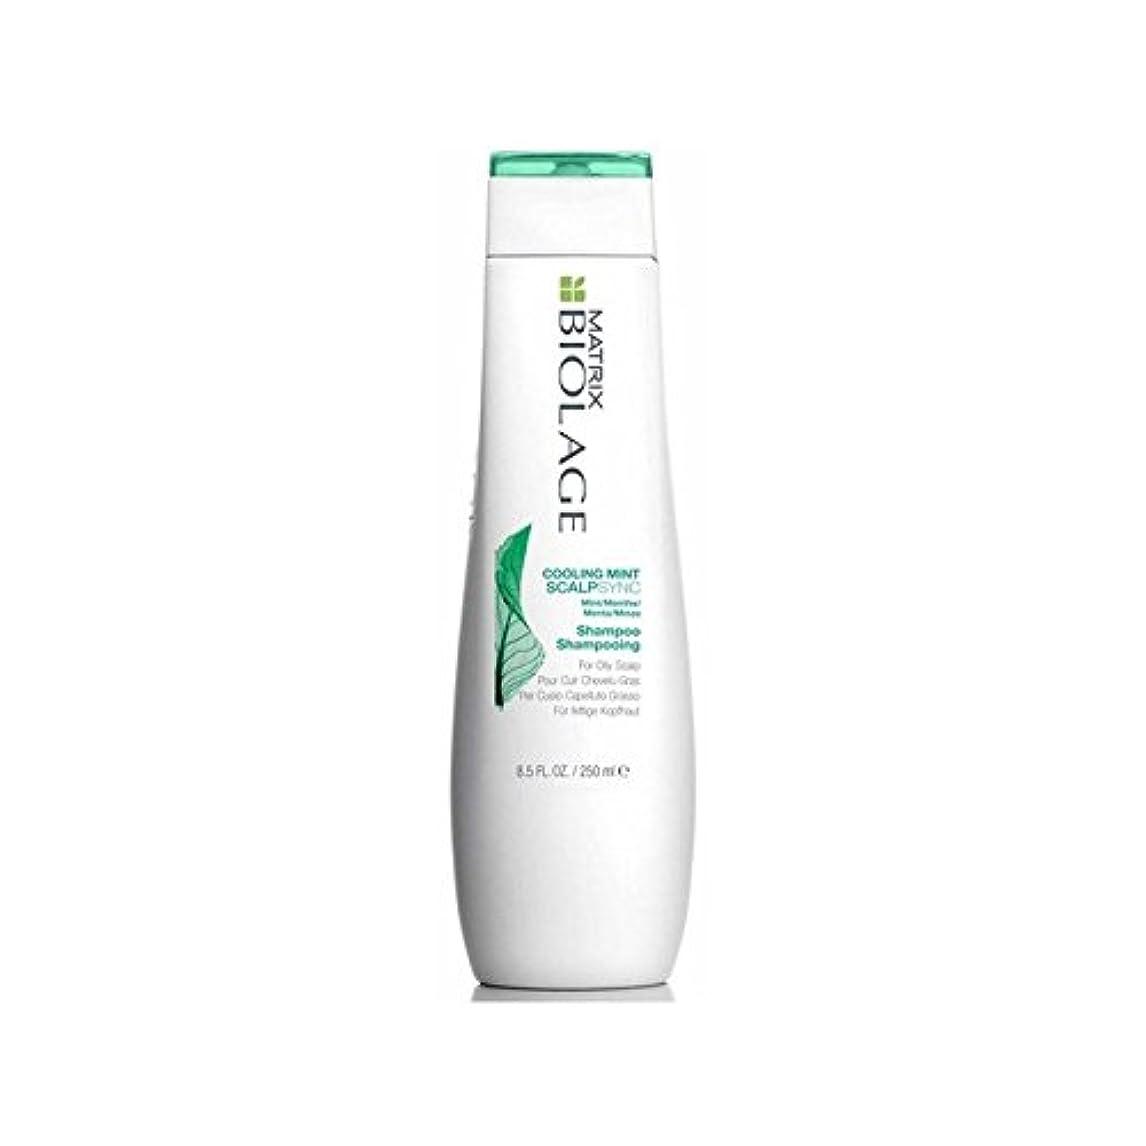 選ぶ倒産説明するMatrix Biolage Scalptherapie Scalp Cooling Mint Shampoo (250ml) (Pack of 6) - ミントシャンプー(250ミリリットル)を冷却マトリックスバイオレイジ...